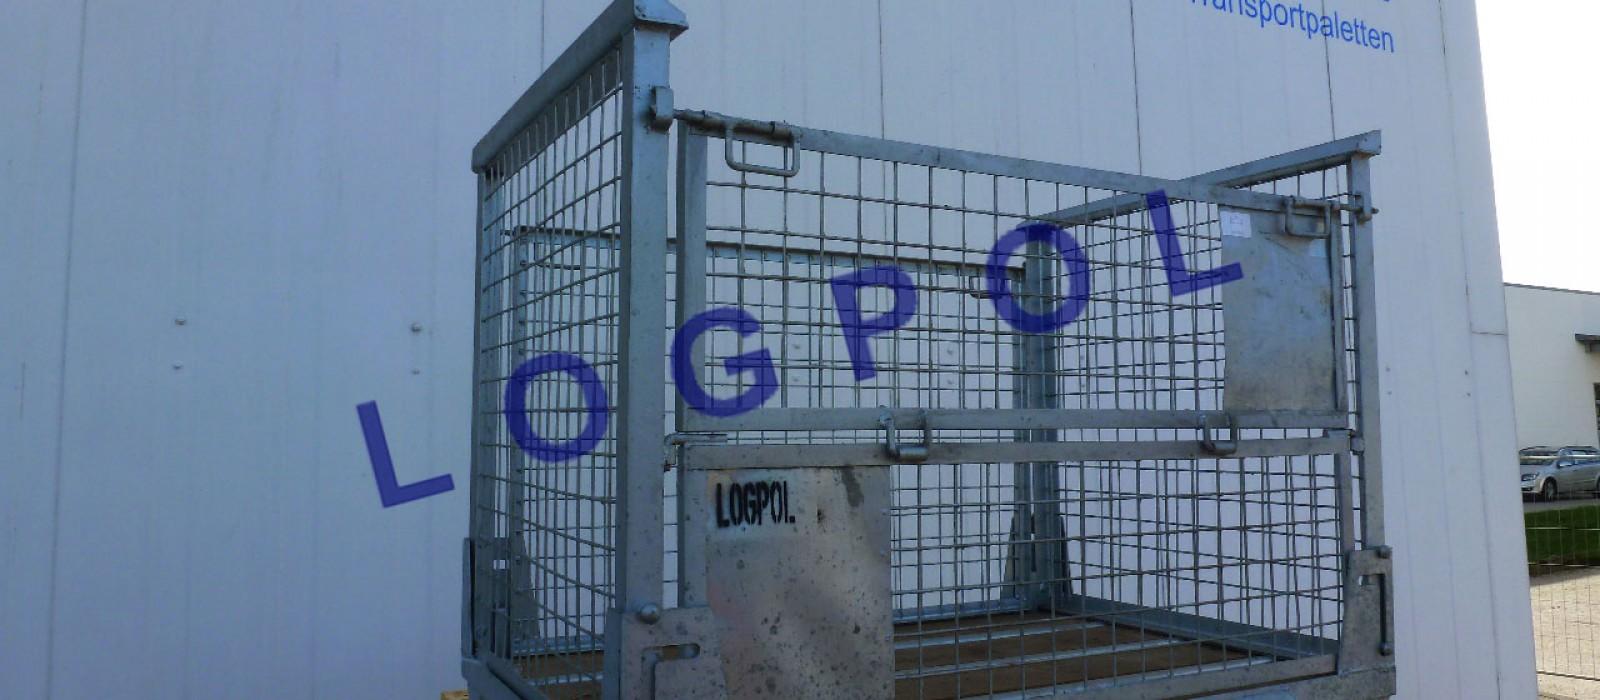 3-Gitterbox-1240x835x970-klappbar_w1